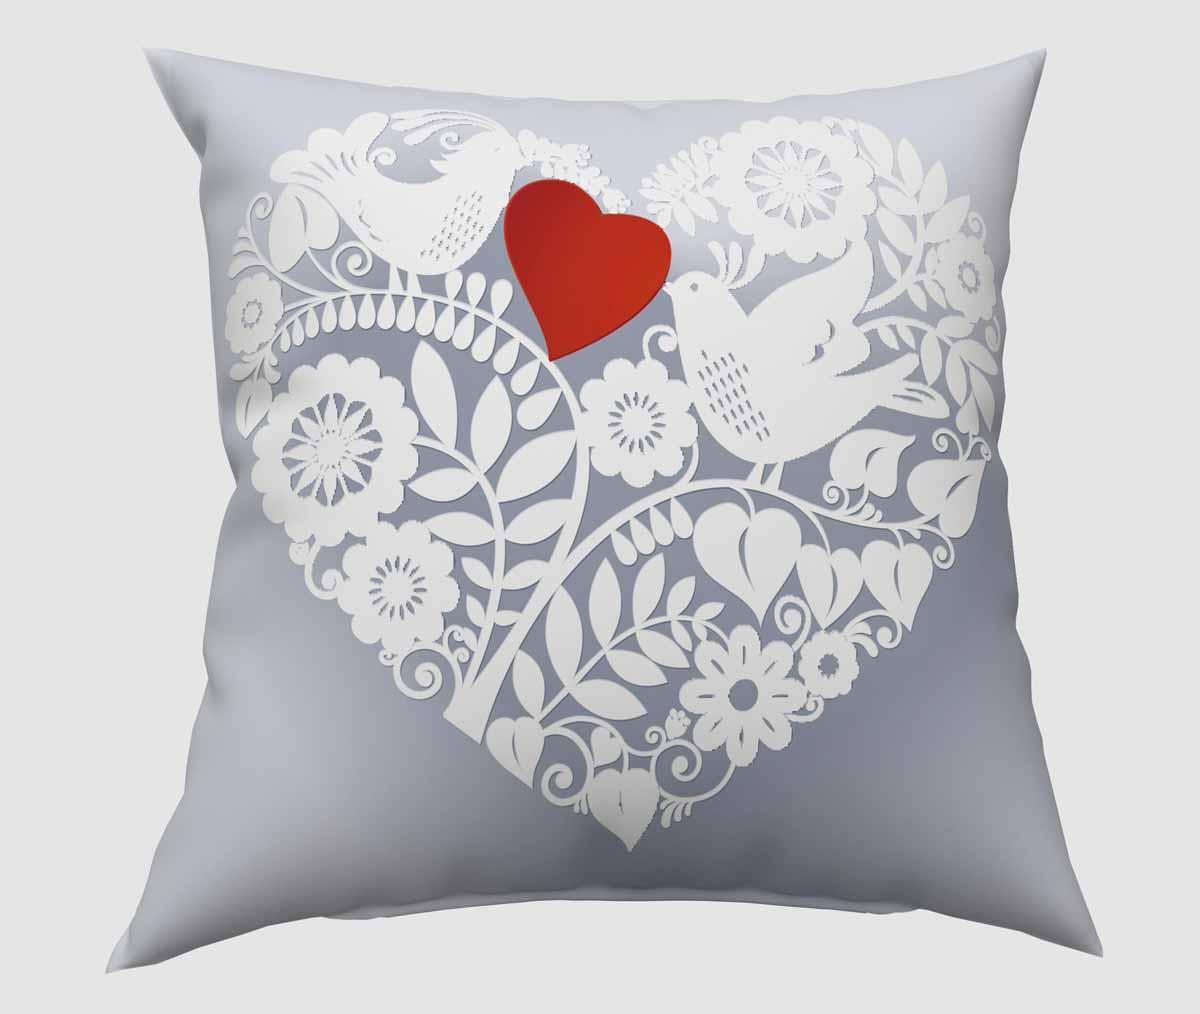 Подушка декоративная Сирень Ажурное сердце, 40 х 40 смCLP446Декоративная подушка Сирень Ажурное сердце, изготовленная из габардина (100% полиэстер), прекрасно дополнит интерьер спальни или гостиной. Подушка оформлена красочным изображением. Внутри - мягкий наполнитель из холлофайбера (100% полиэстер). Красивая подушка создаст атмосферу тепла и уюта в спальне и станет прекрасным элементом декора.